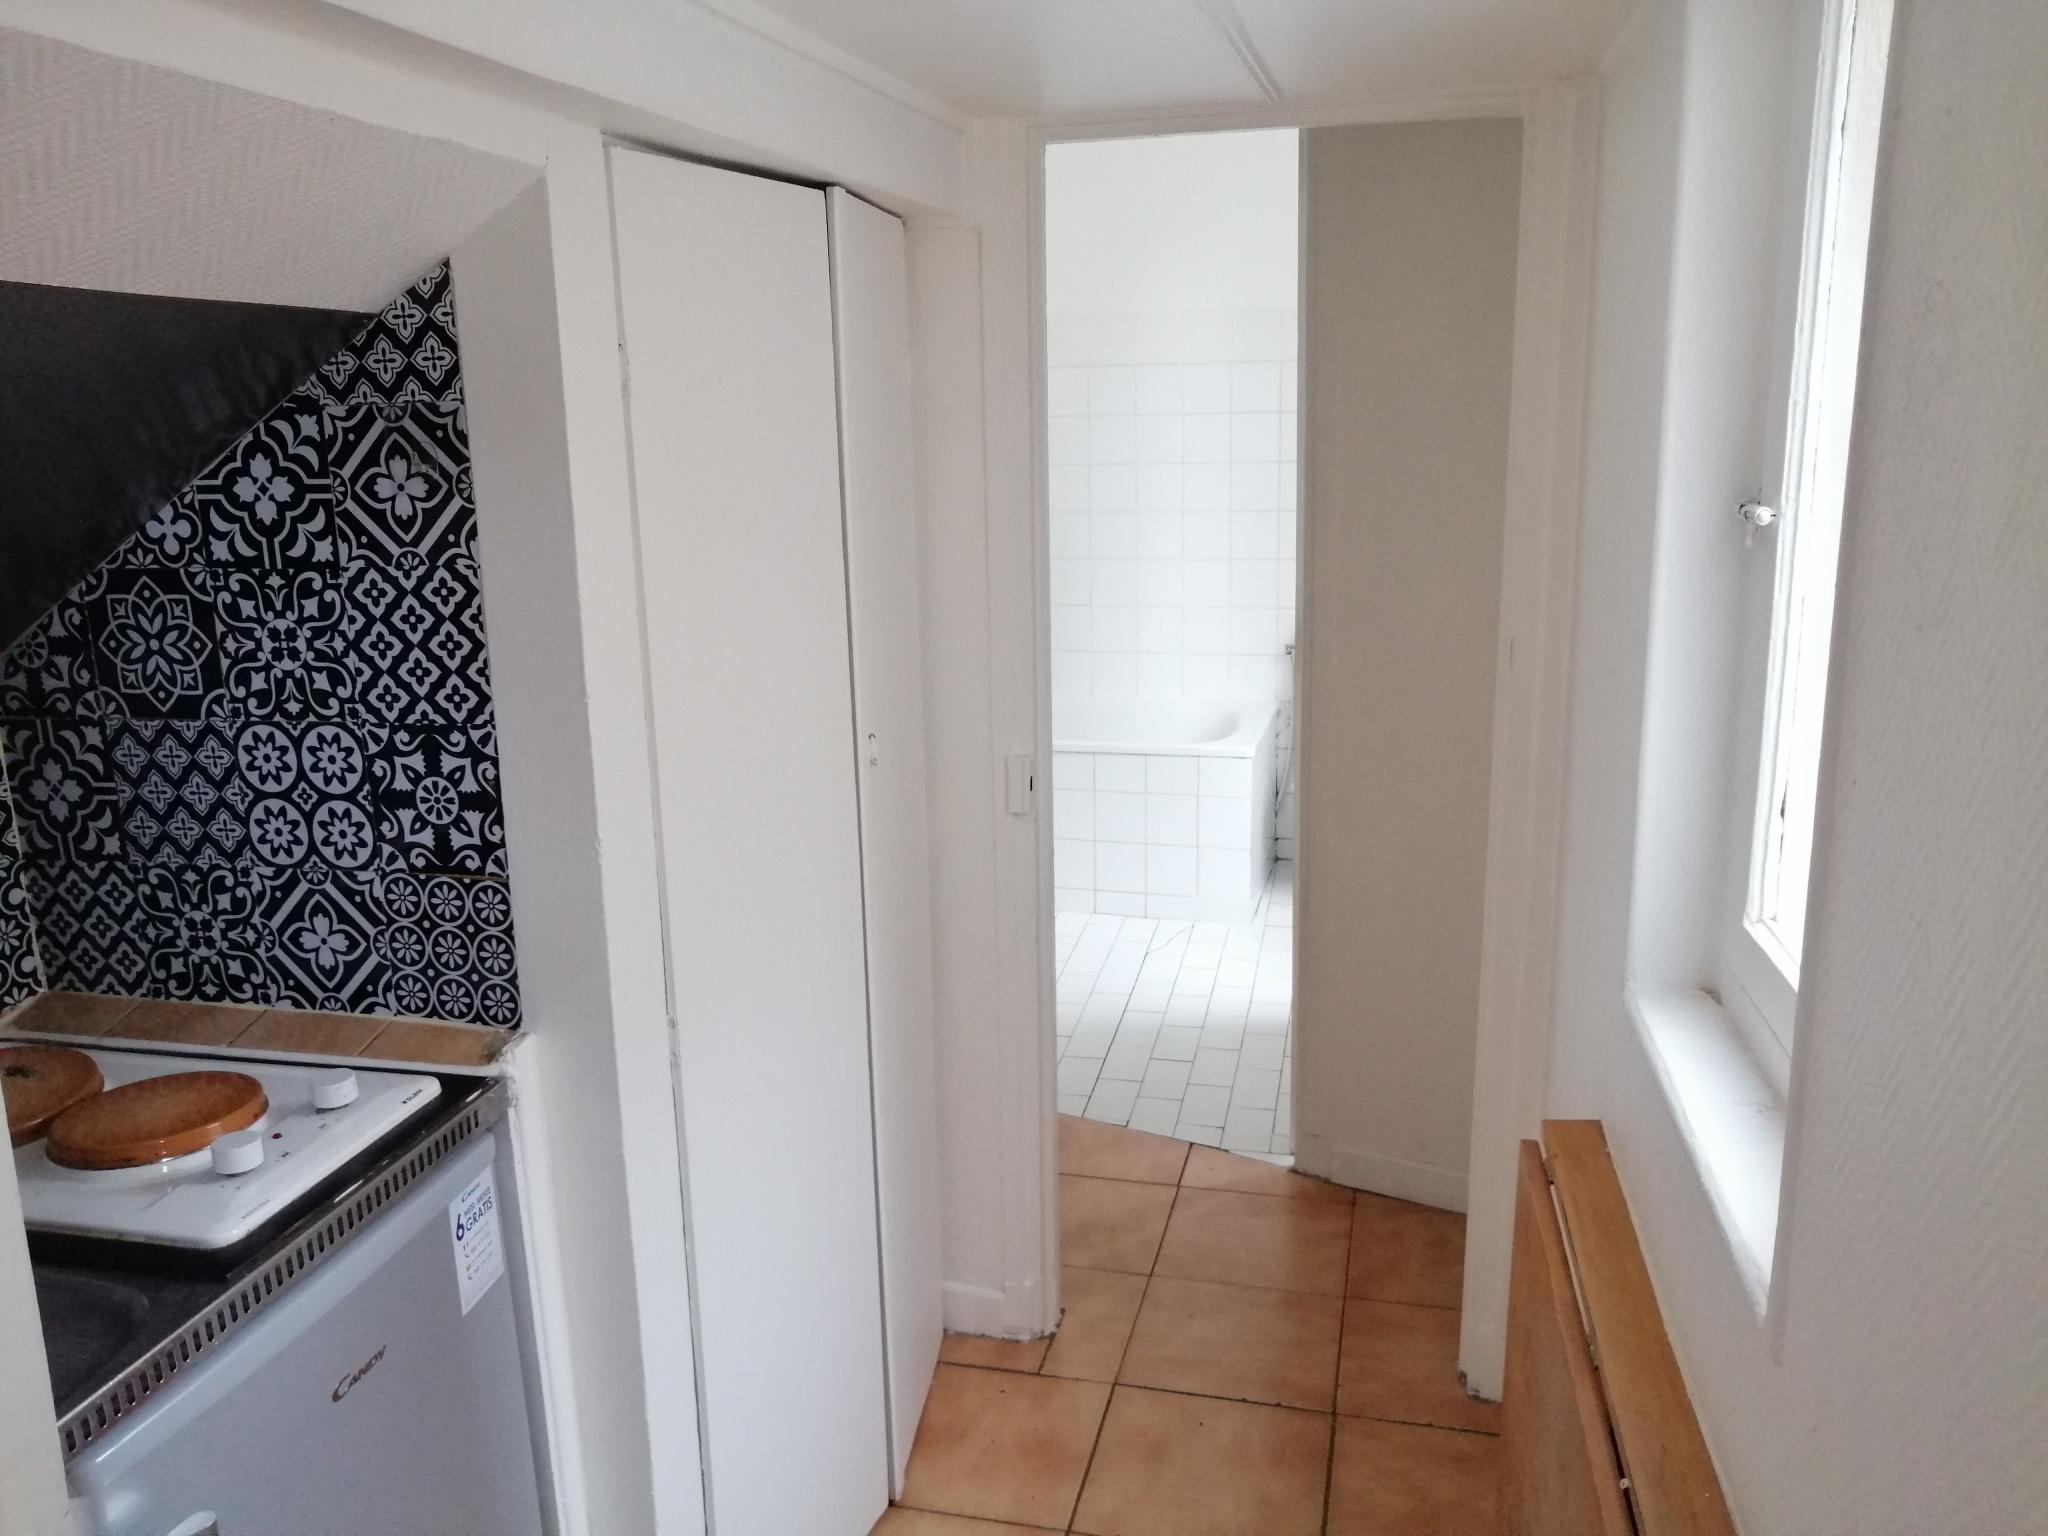 Appartement en Location à Levallois-perret / 1 pièce 16m2